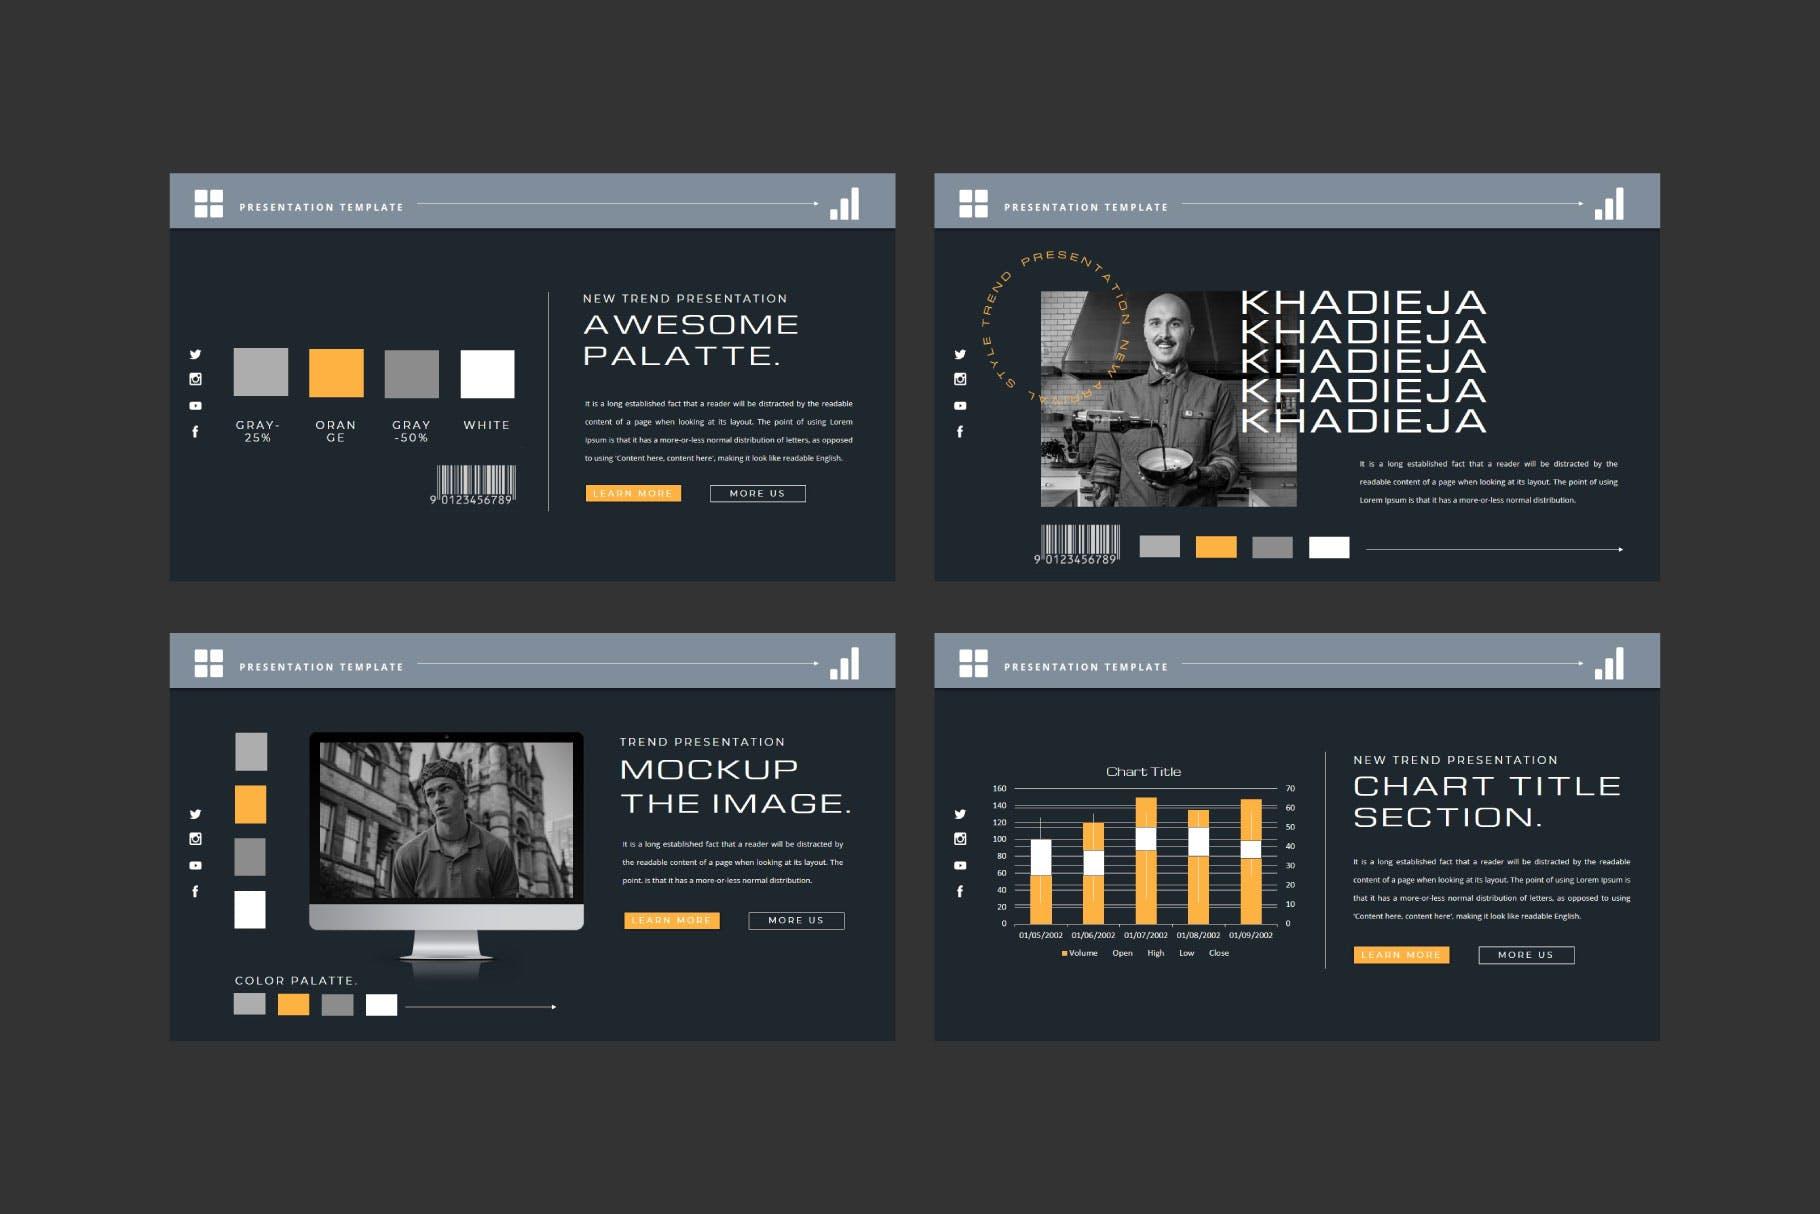 潮流品牌策划提案简报作品集设计演示文稿模板 KHADIEJA Powerpoint Template插图5